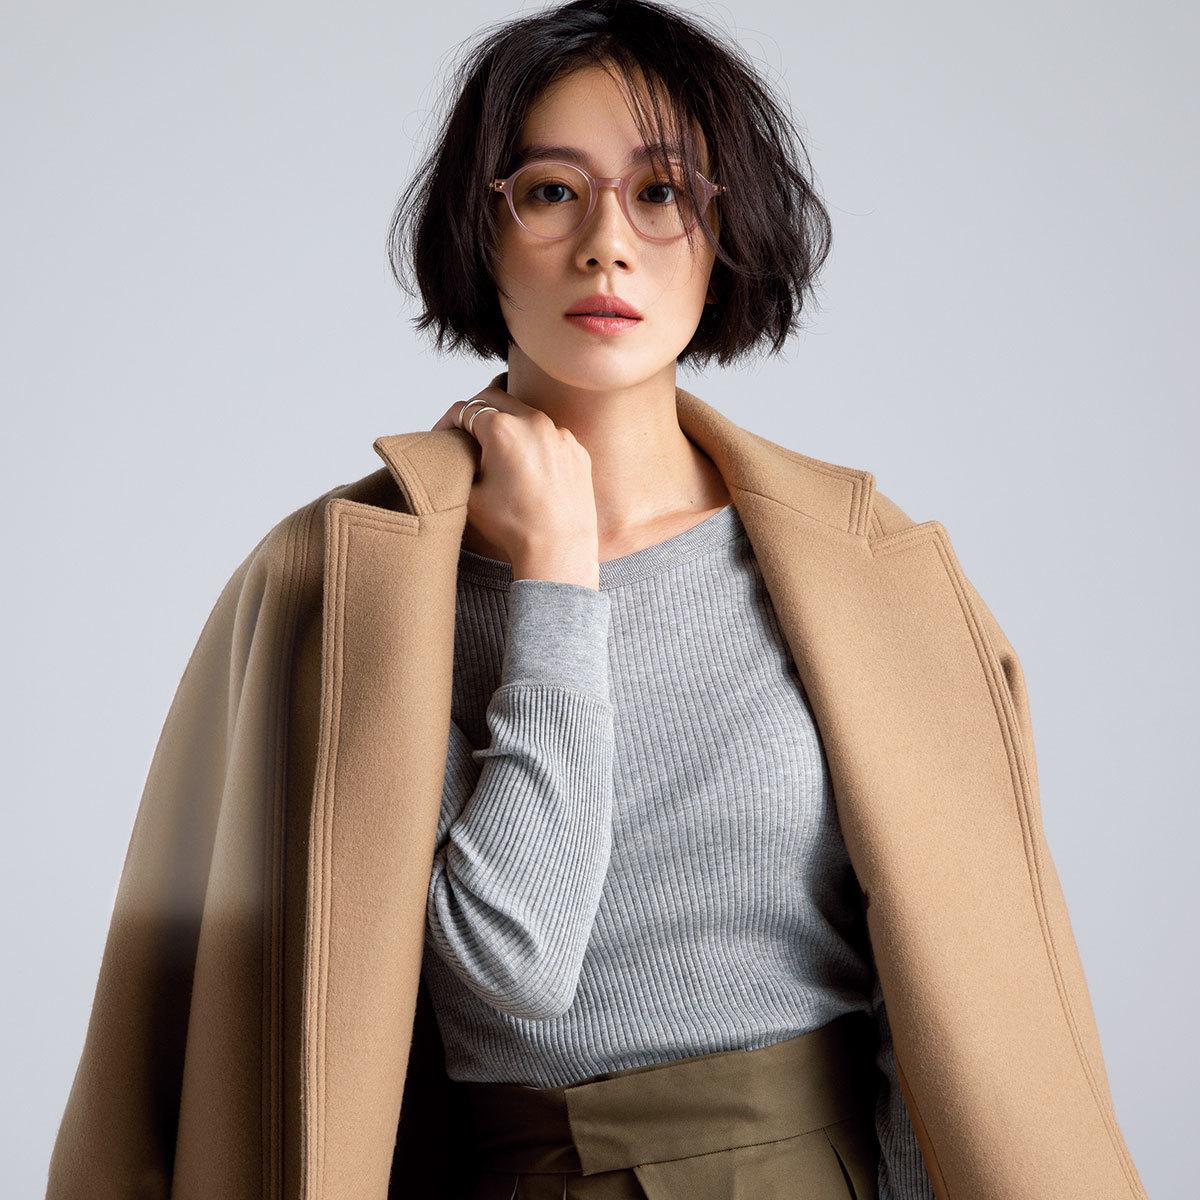 メガネ×ニット×コートを着たモデルの竹内友梨さん